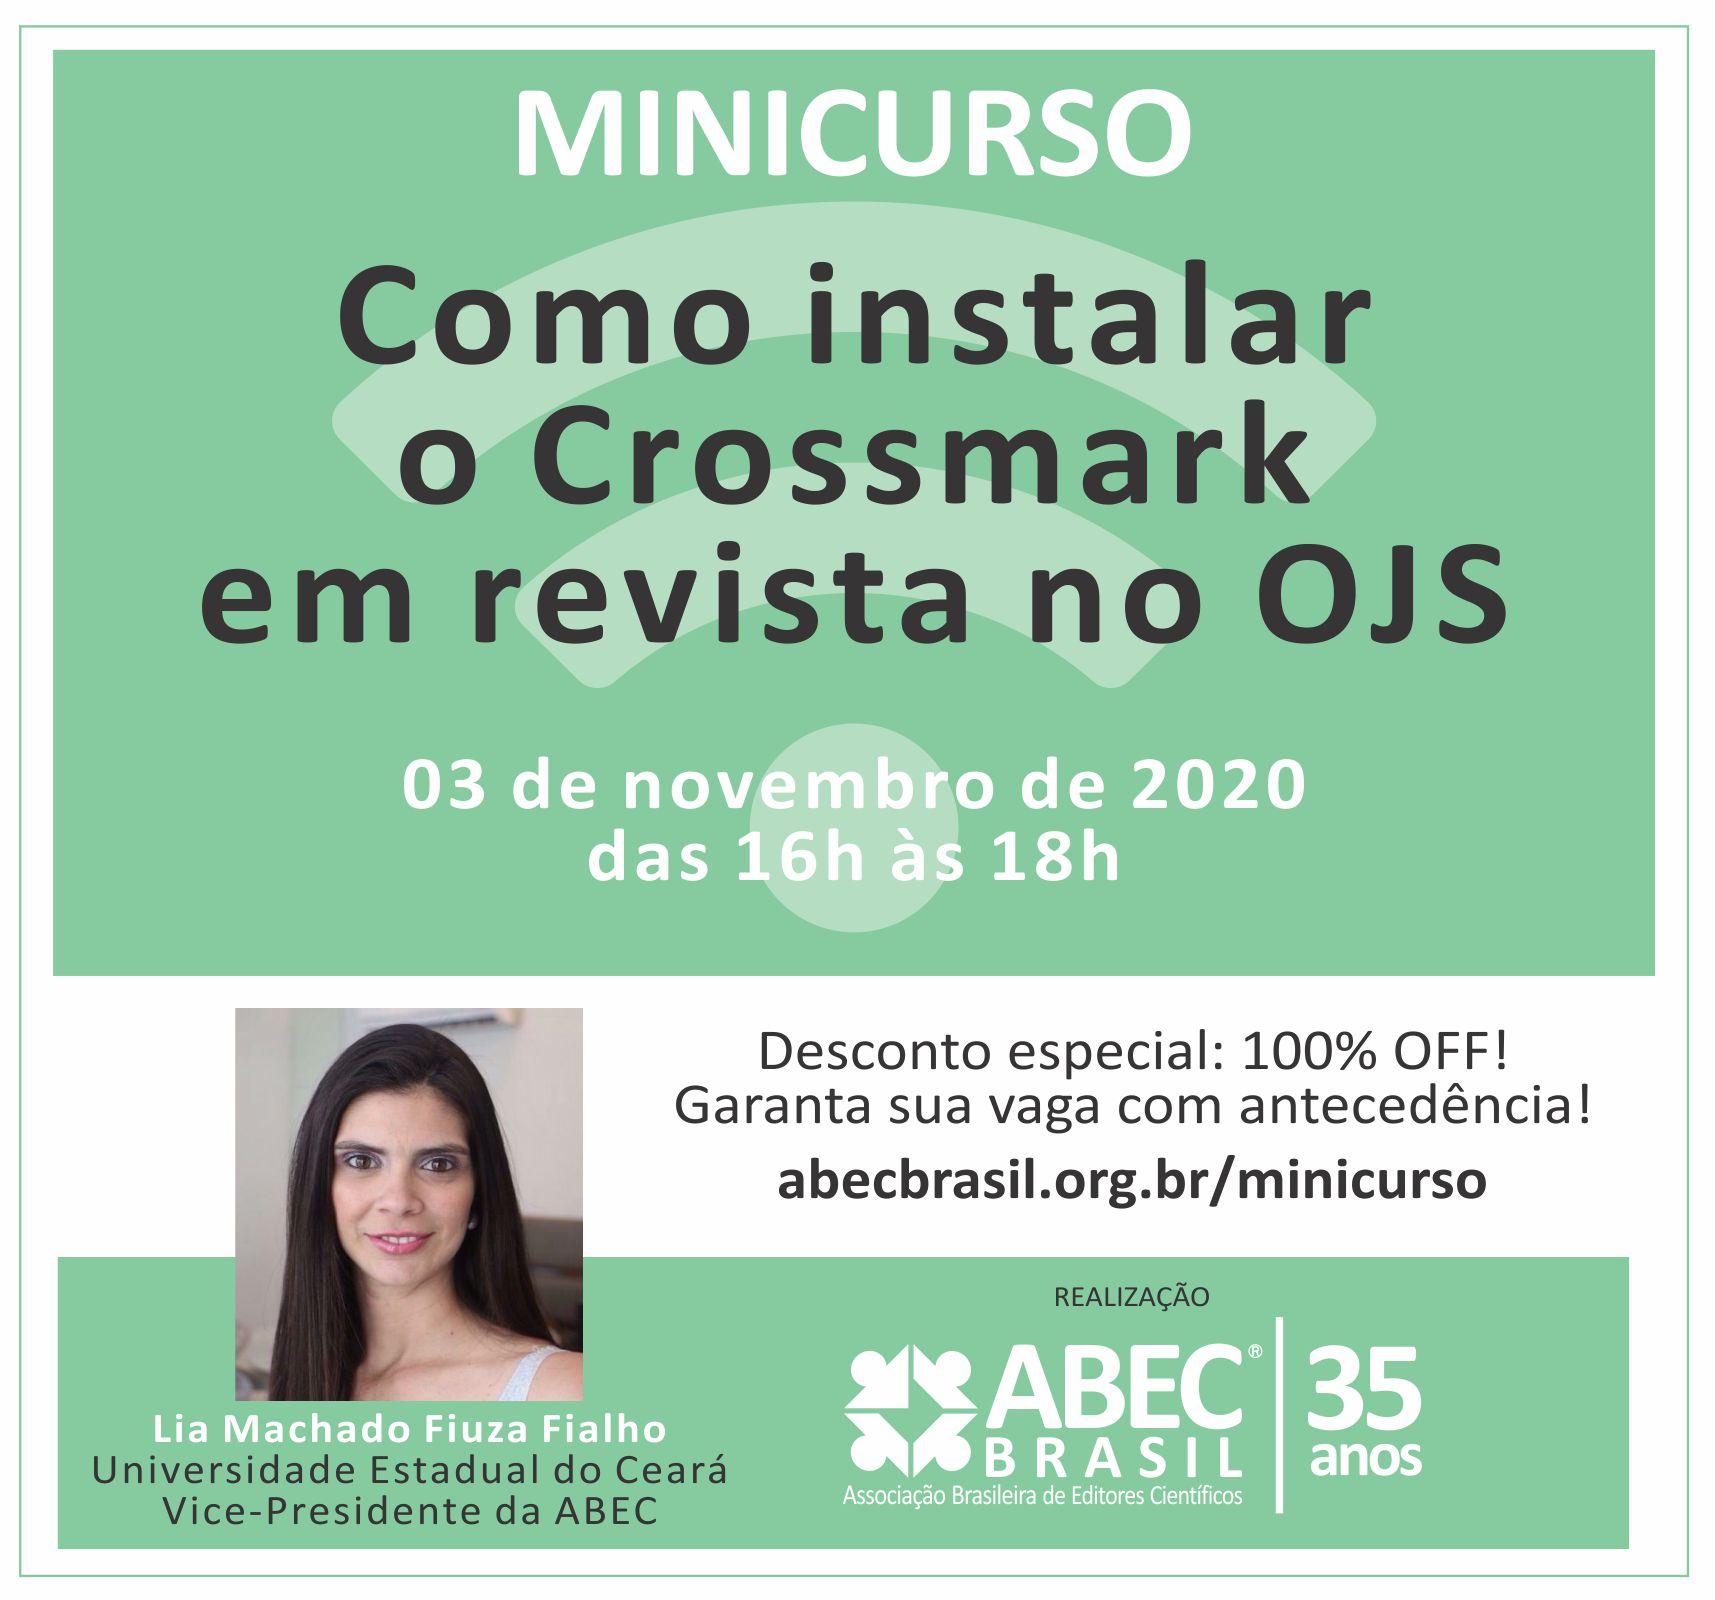 Minicurso_Crossmark